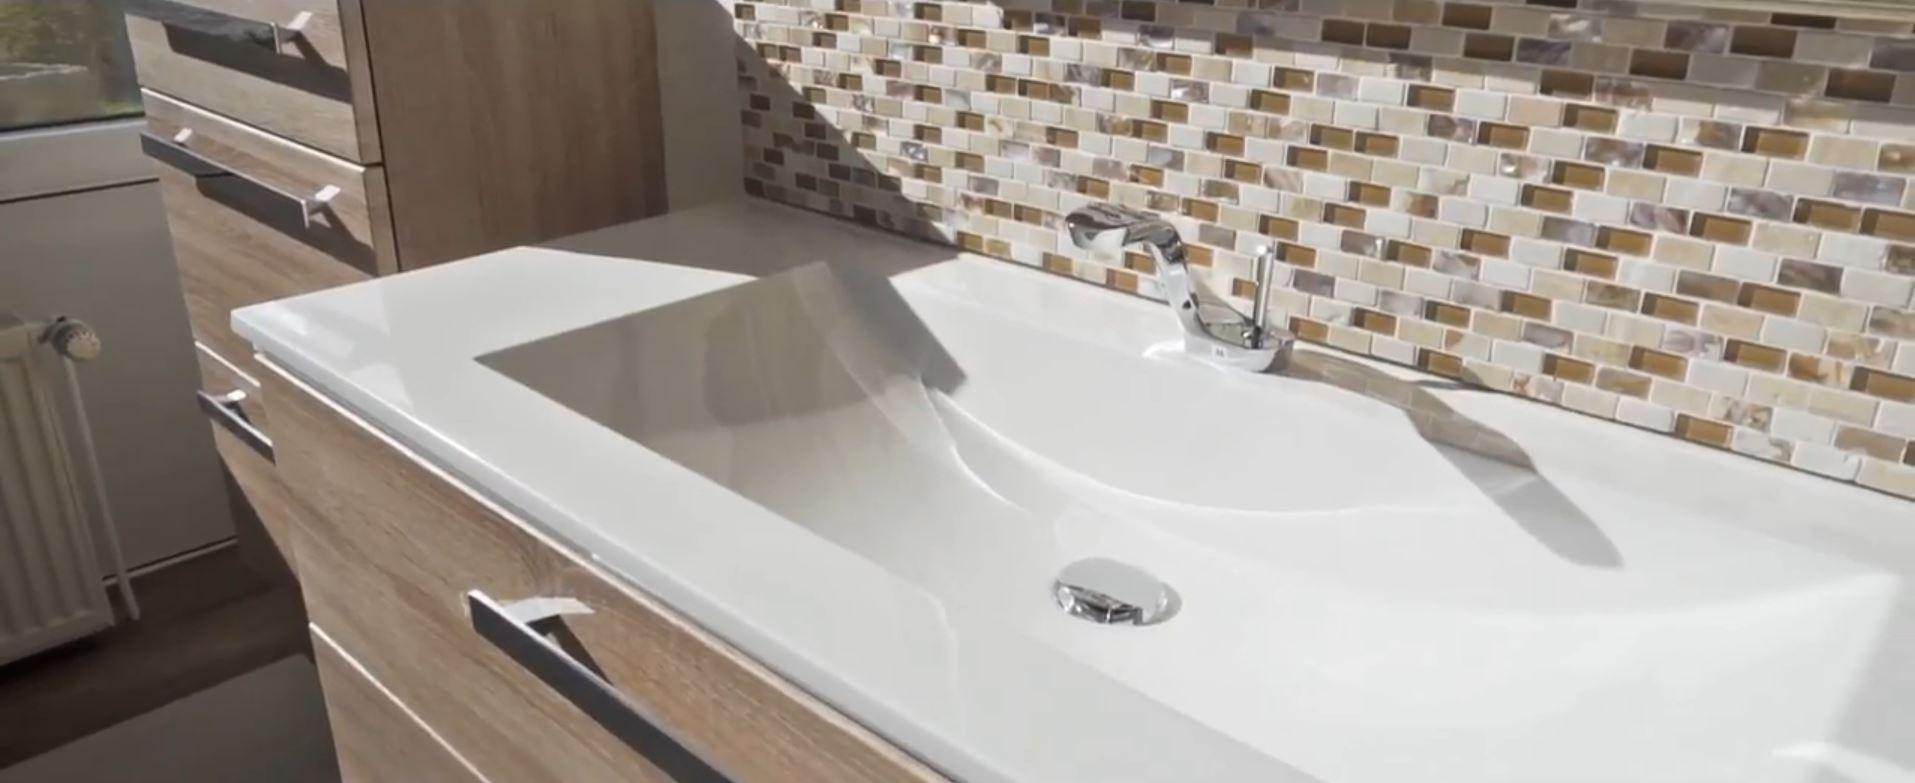 Fliesen- und Sanitärausstellung